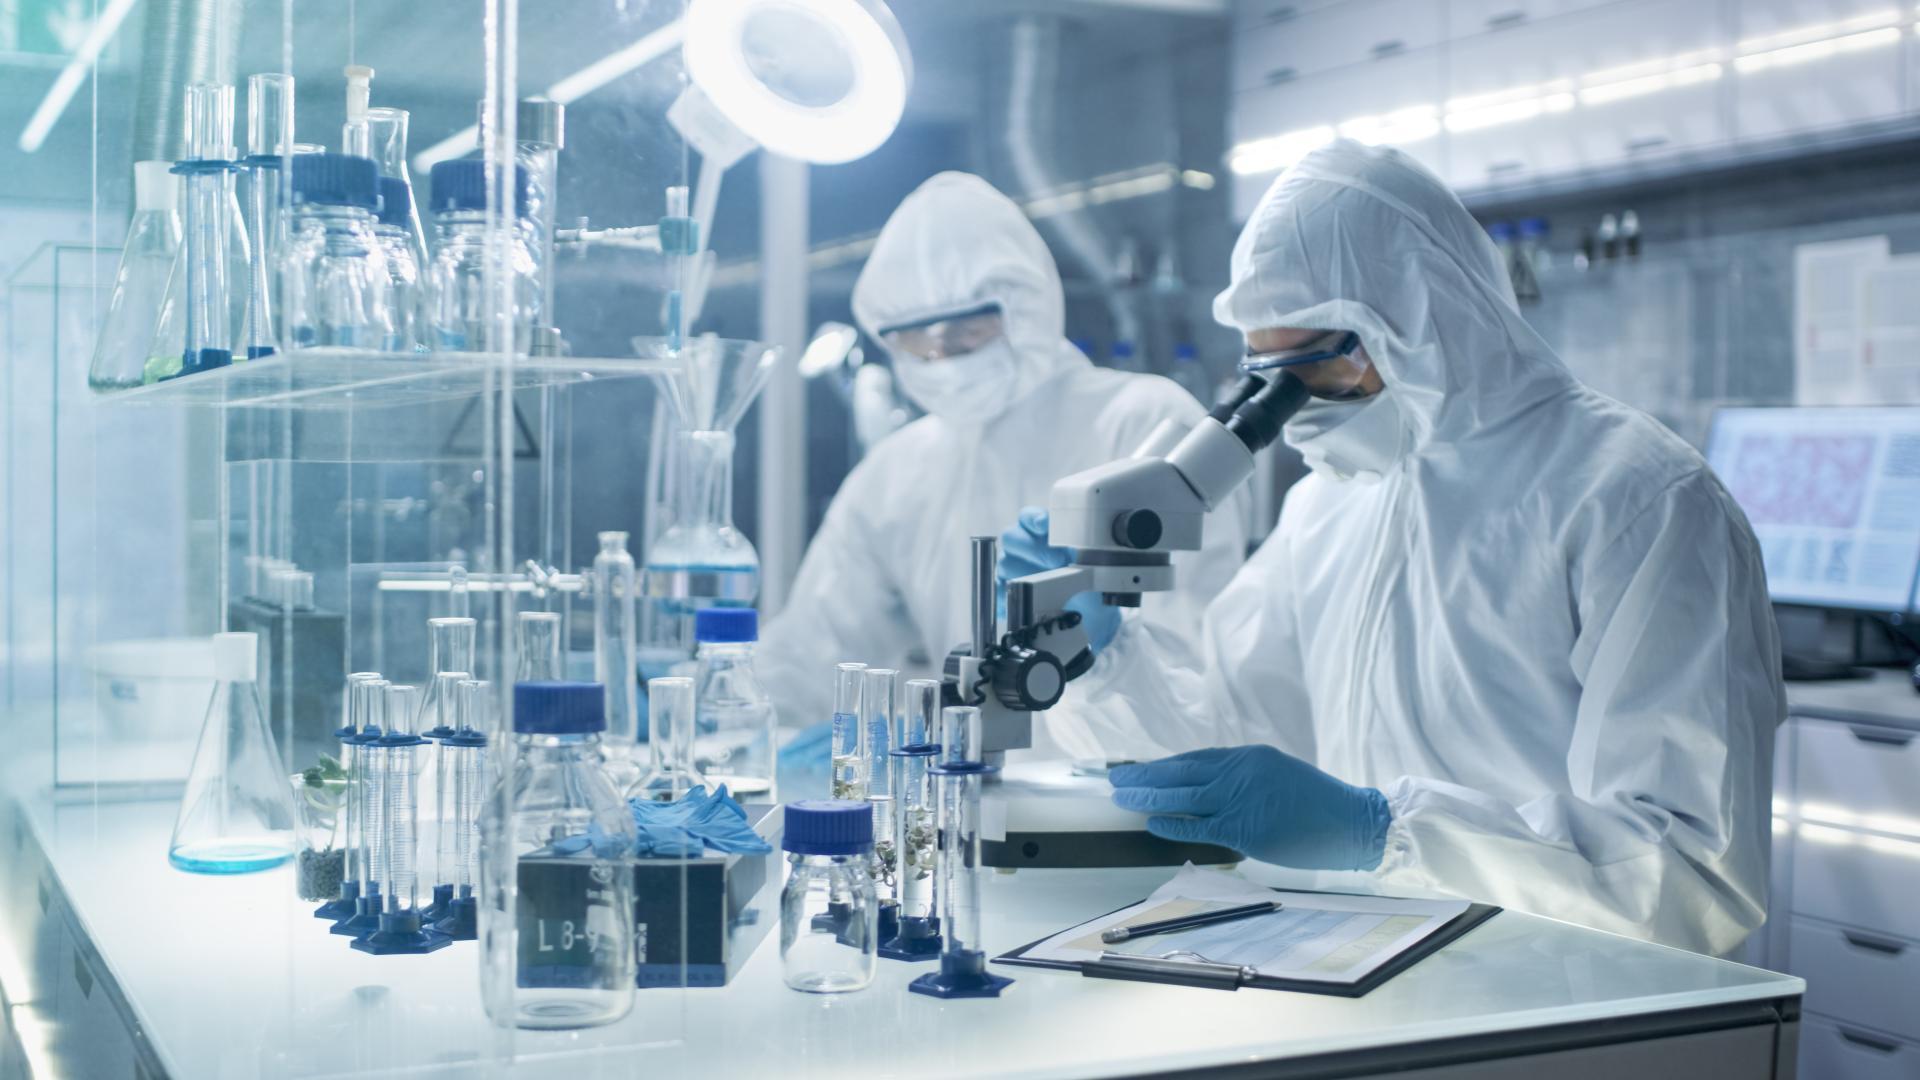 Raziskave genskih mehanizmov v ozadju dozorevanja T-celic